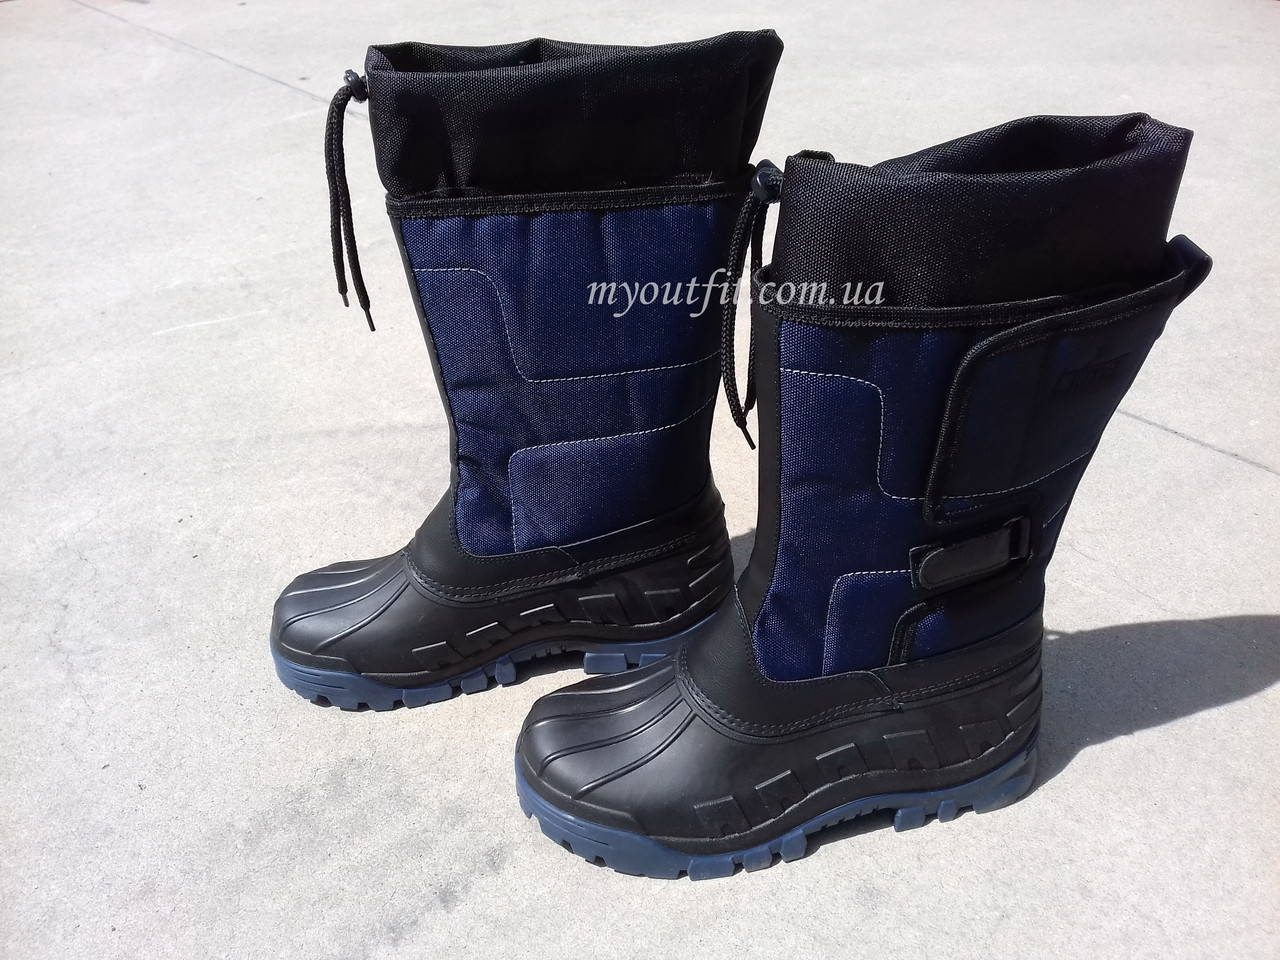 4159c63284e589 Мужские сапоги для зимней рыбалки охоты Синие Чоловічі чоботи для зимової  рибалки полювання Сині - myoutfit